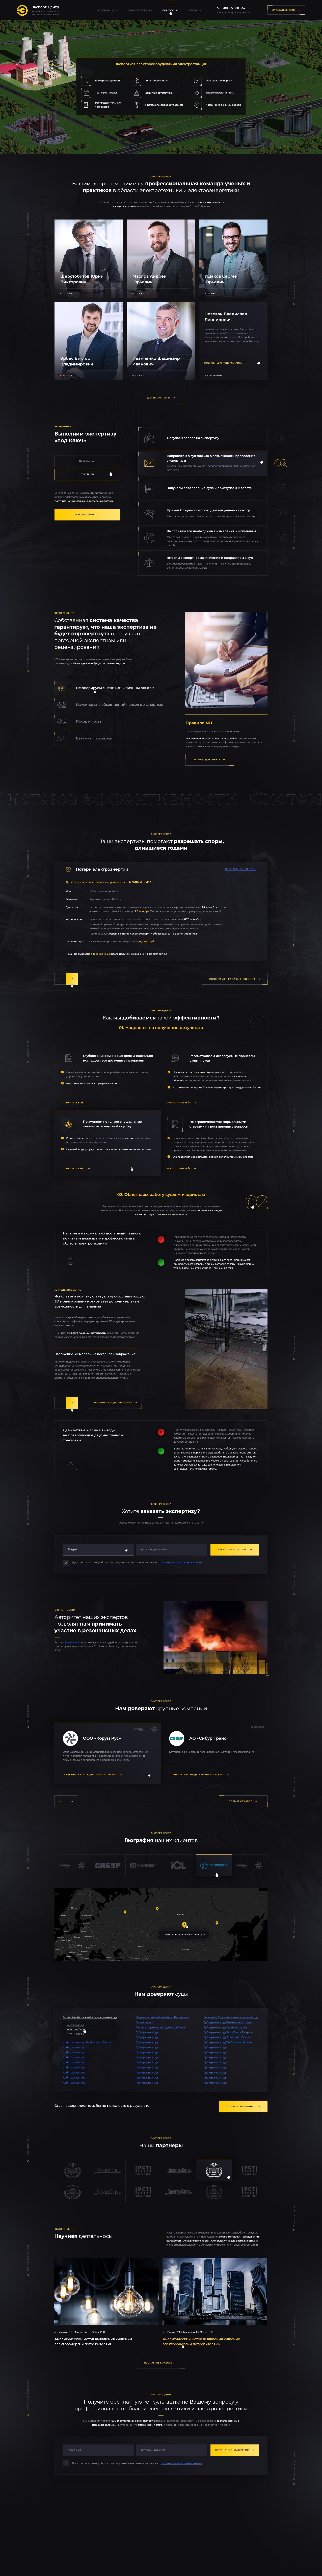 Expertcenter_01_LP_Dark_01 (1)